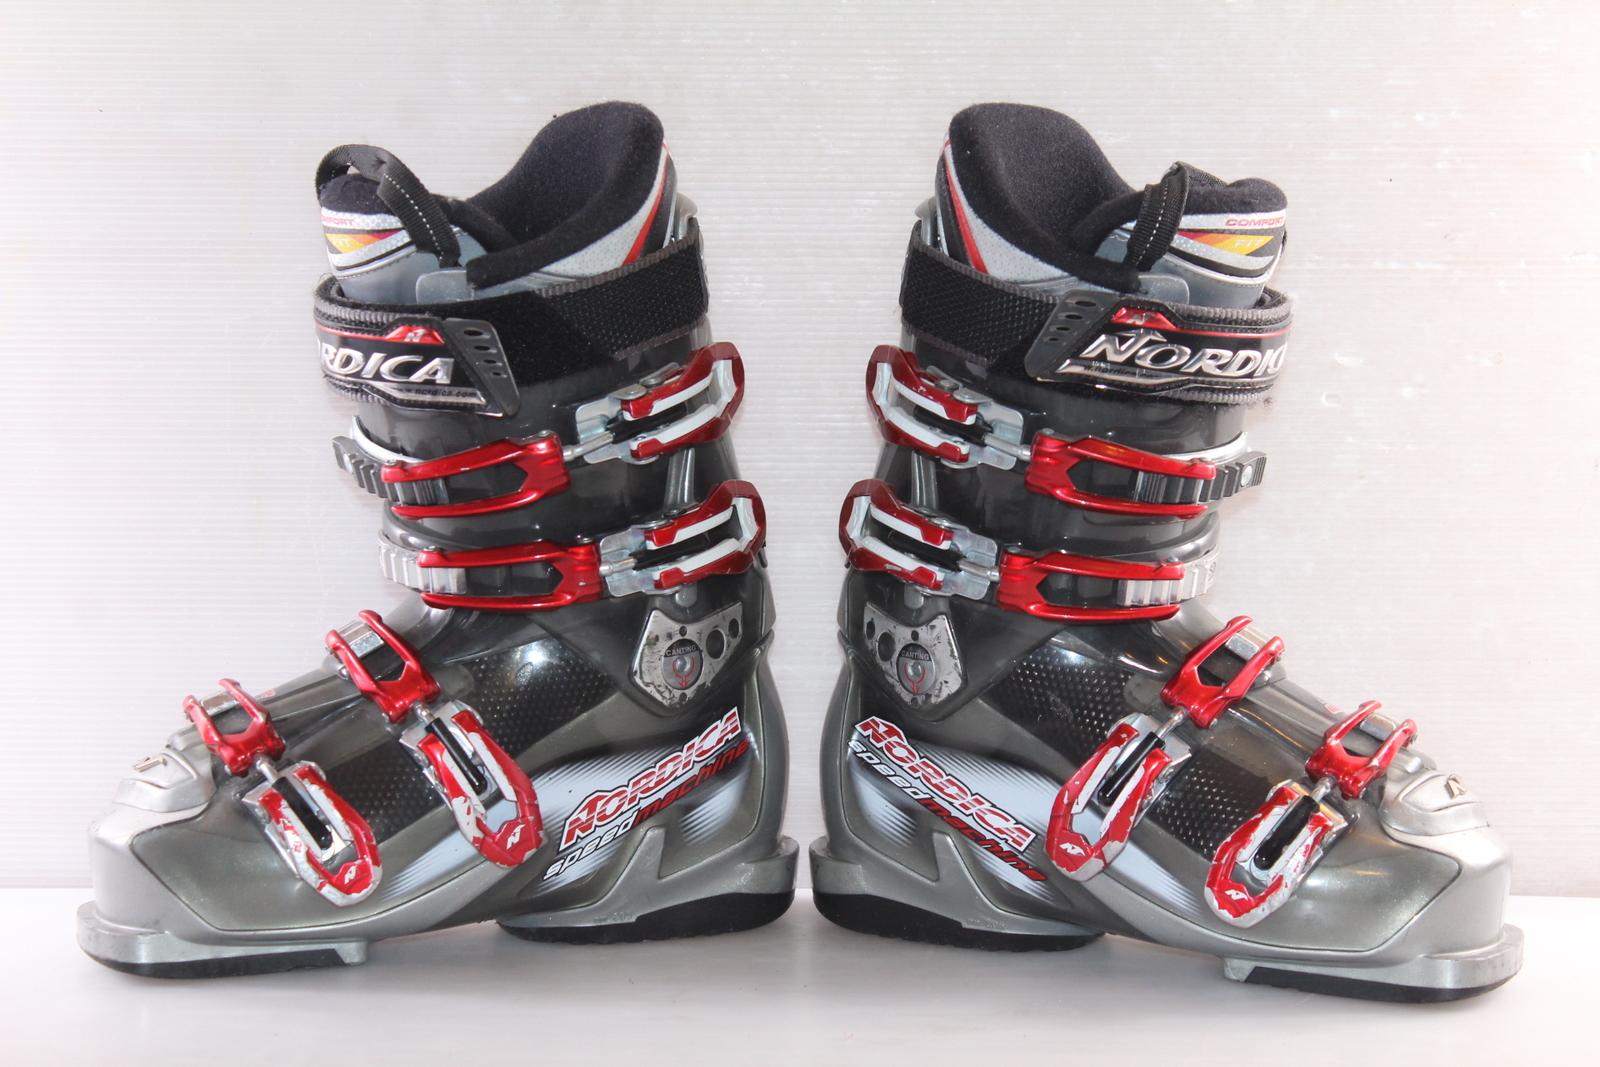 Lyžařské boty Nordica Speed MachiNE vel. EU38.5